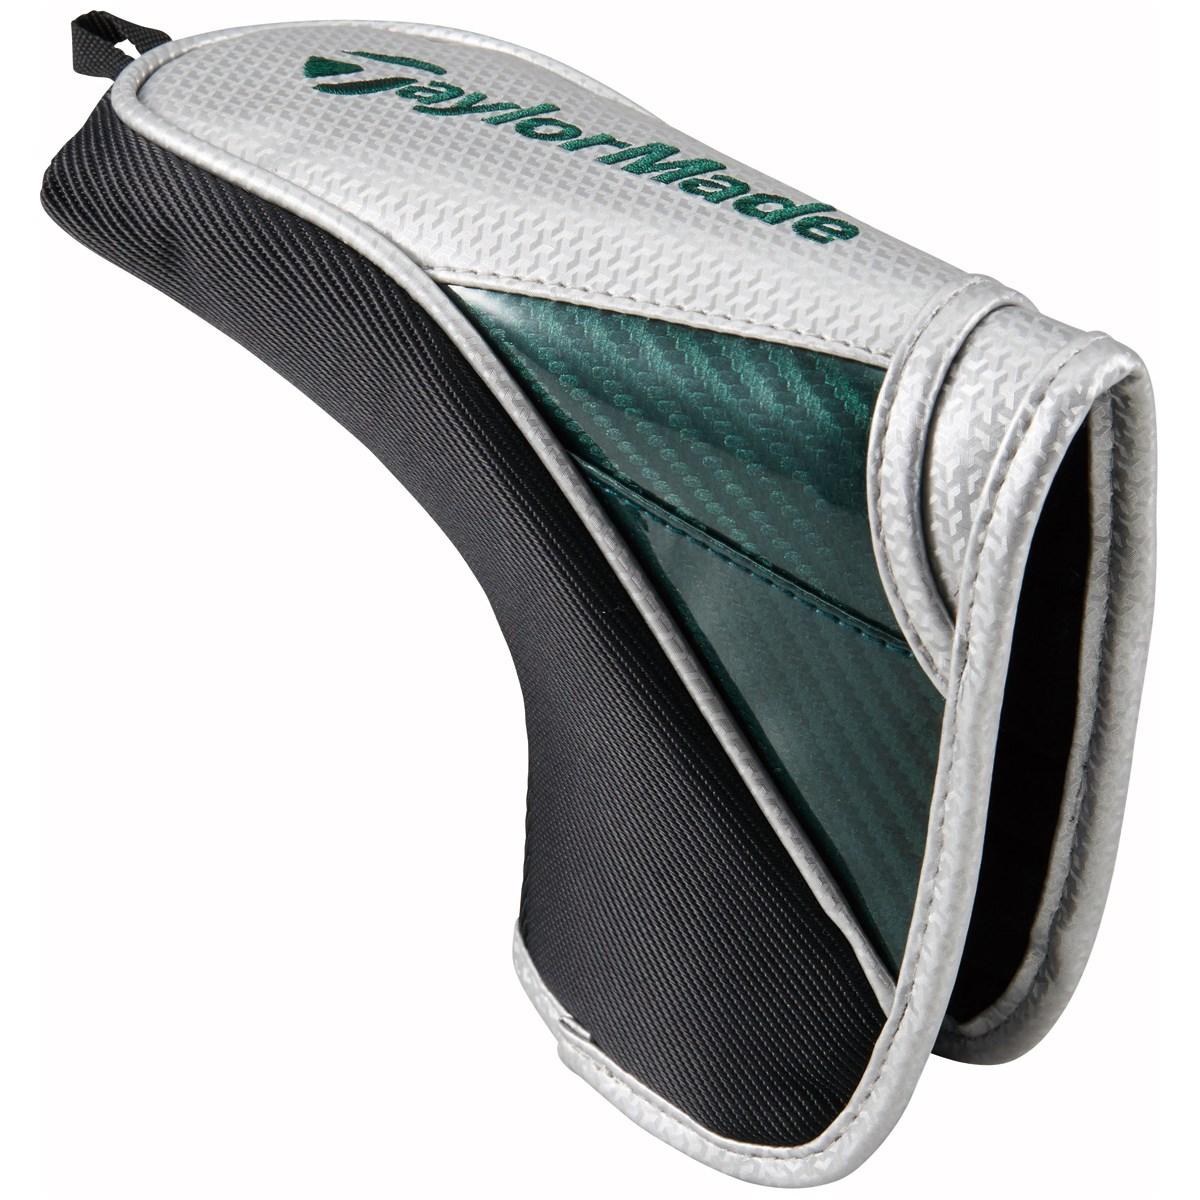 [定番モデル] テーラーメイド taylormade G-7 パターカバー シルバー メンズ ゴルフ